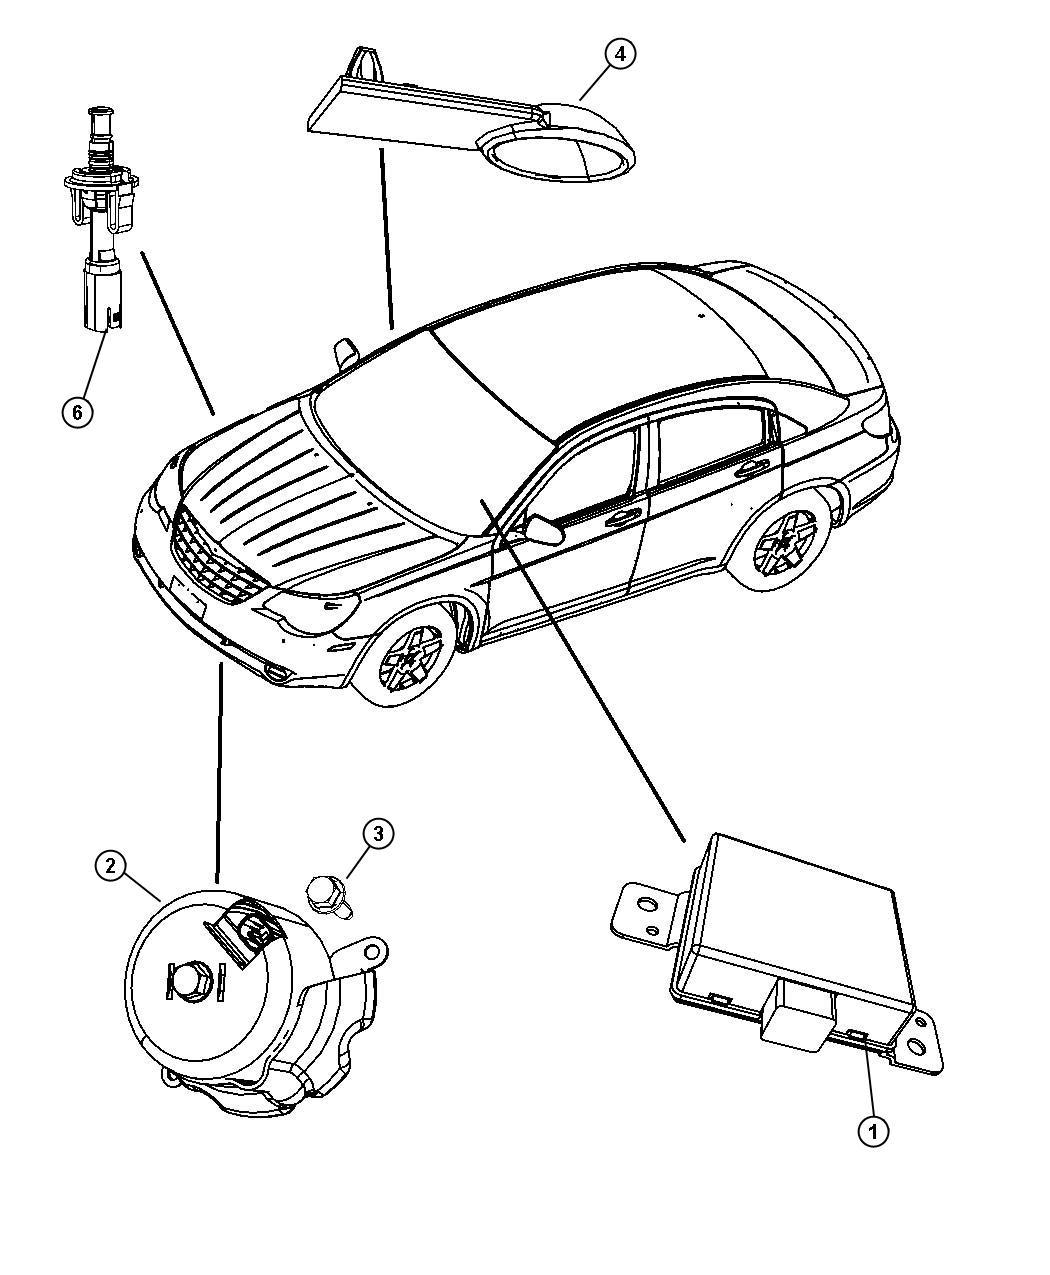 Chrysler Sebring Siren Alarm Premium Security Alarm